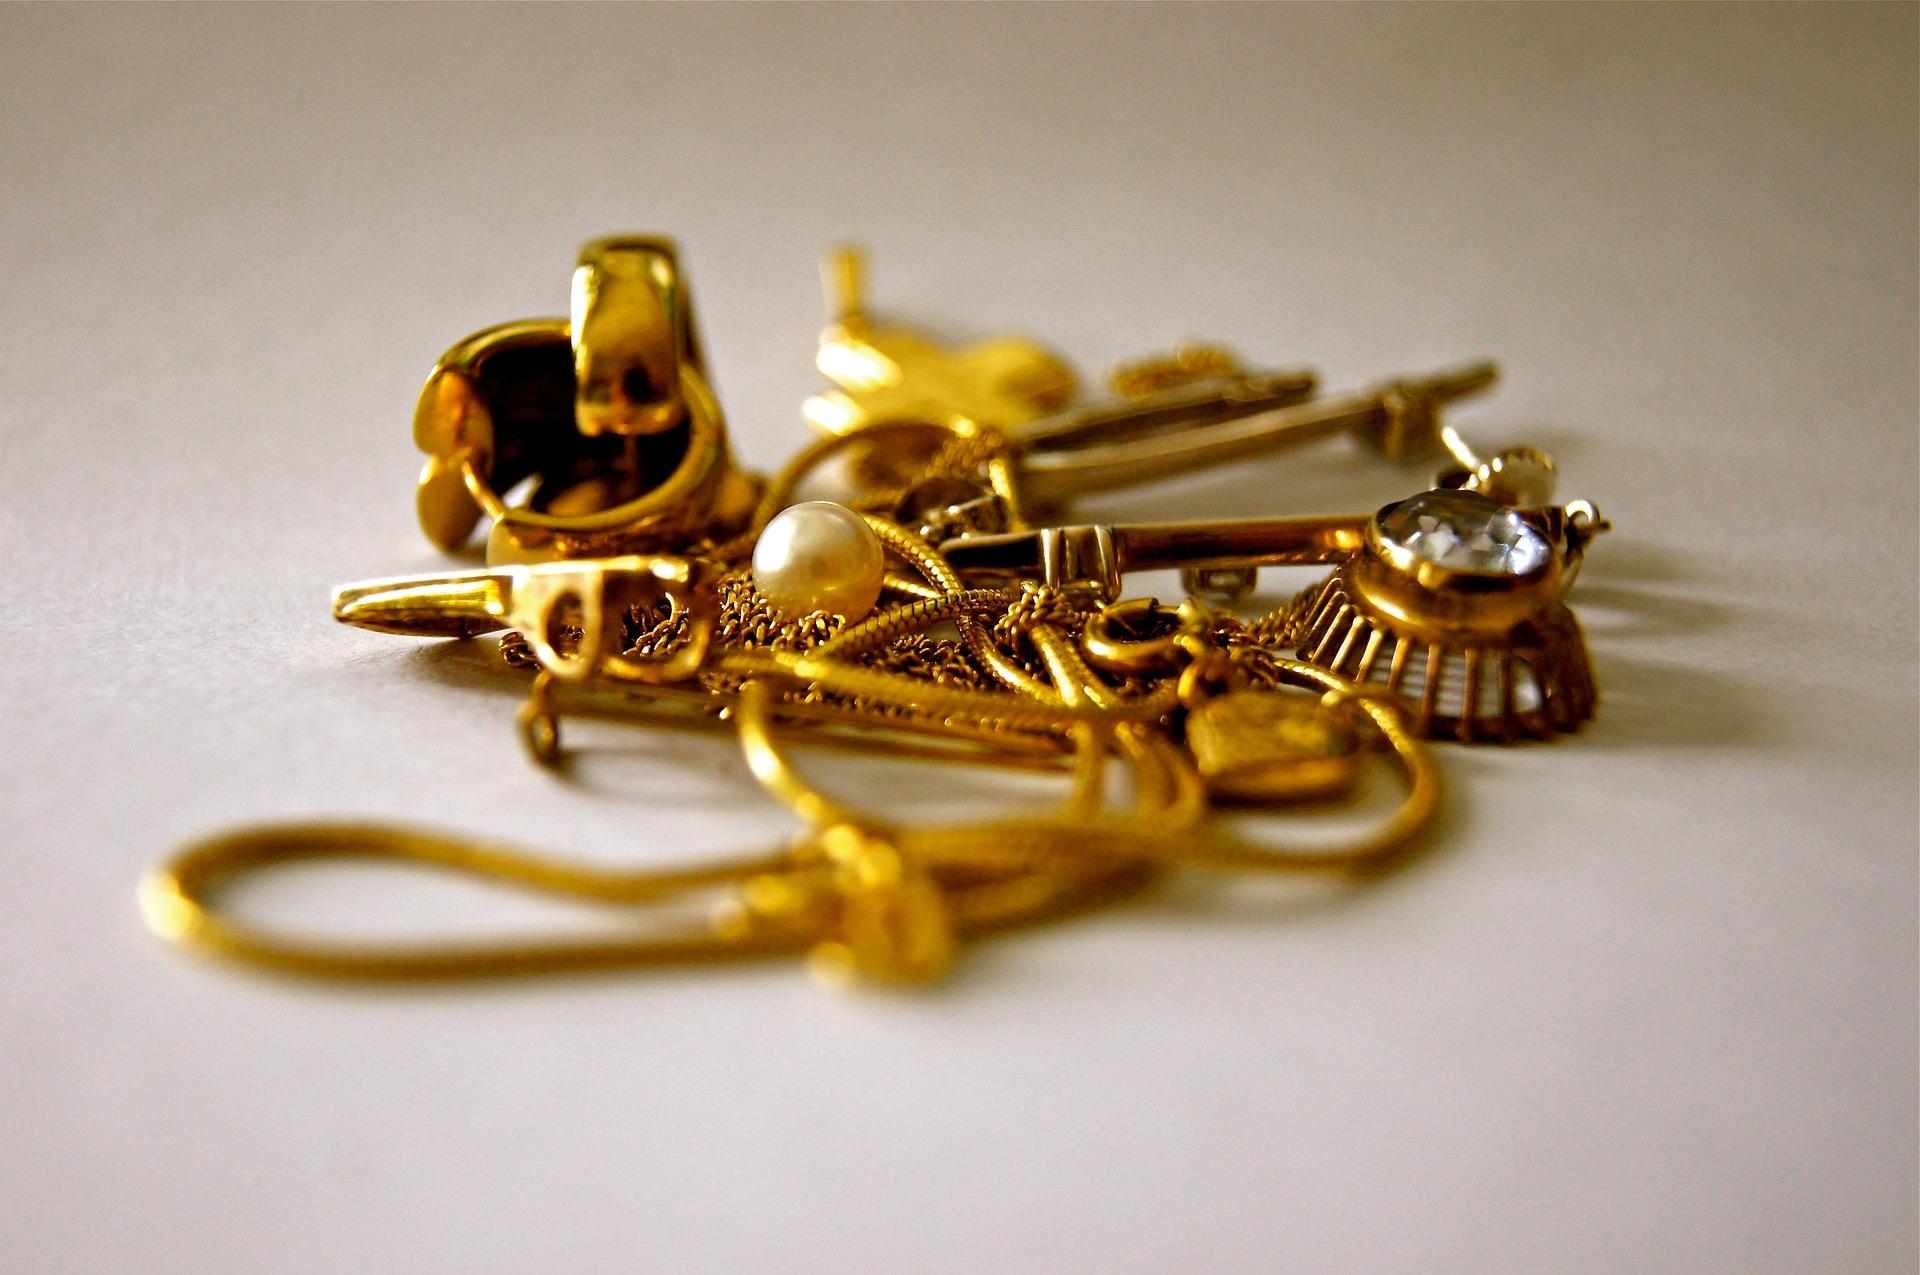 Altgold Ankauf, Goldankauf, Silbernakauf, Münzenankauf, Uhrenankauf, Luxusuhren Ankauf, Diamanten Ankauf